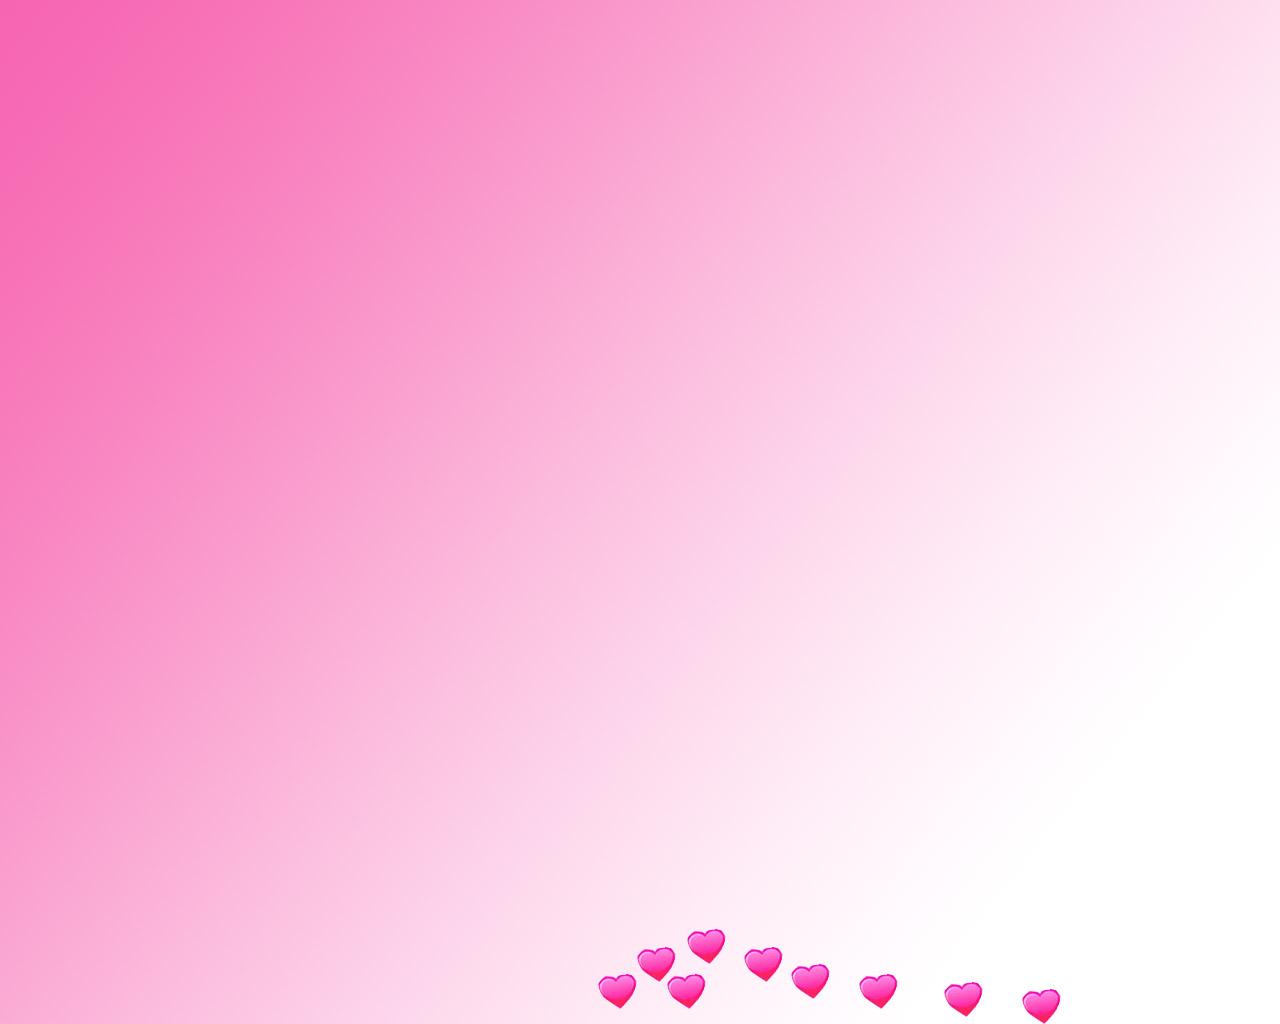 Как сделать фон фото розовым